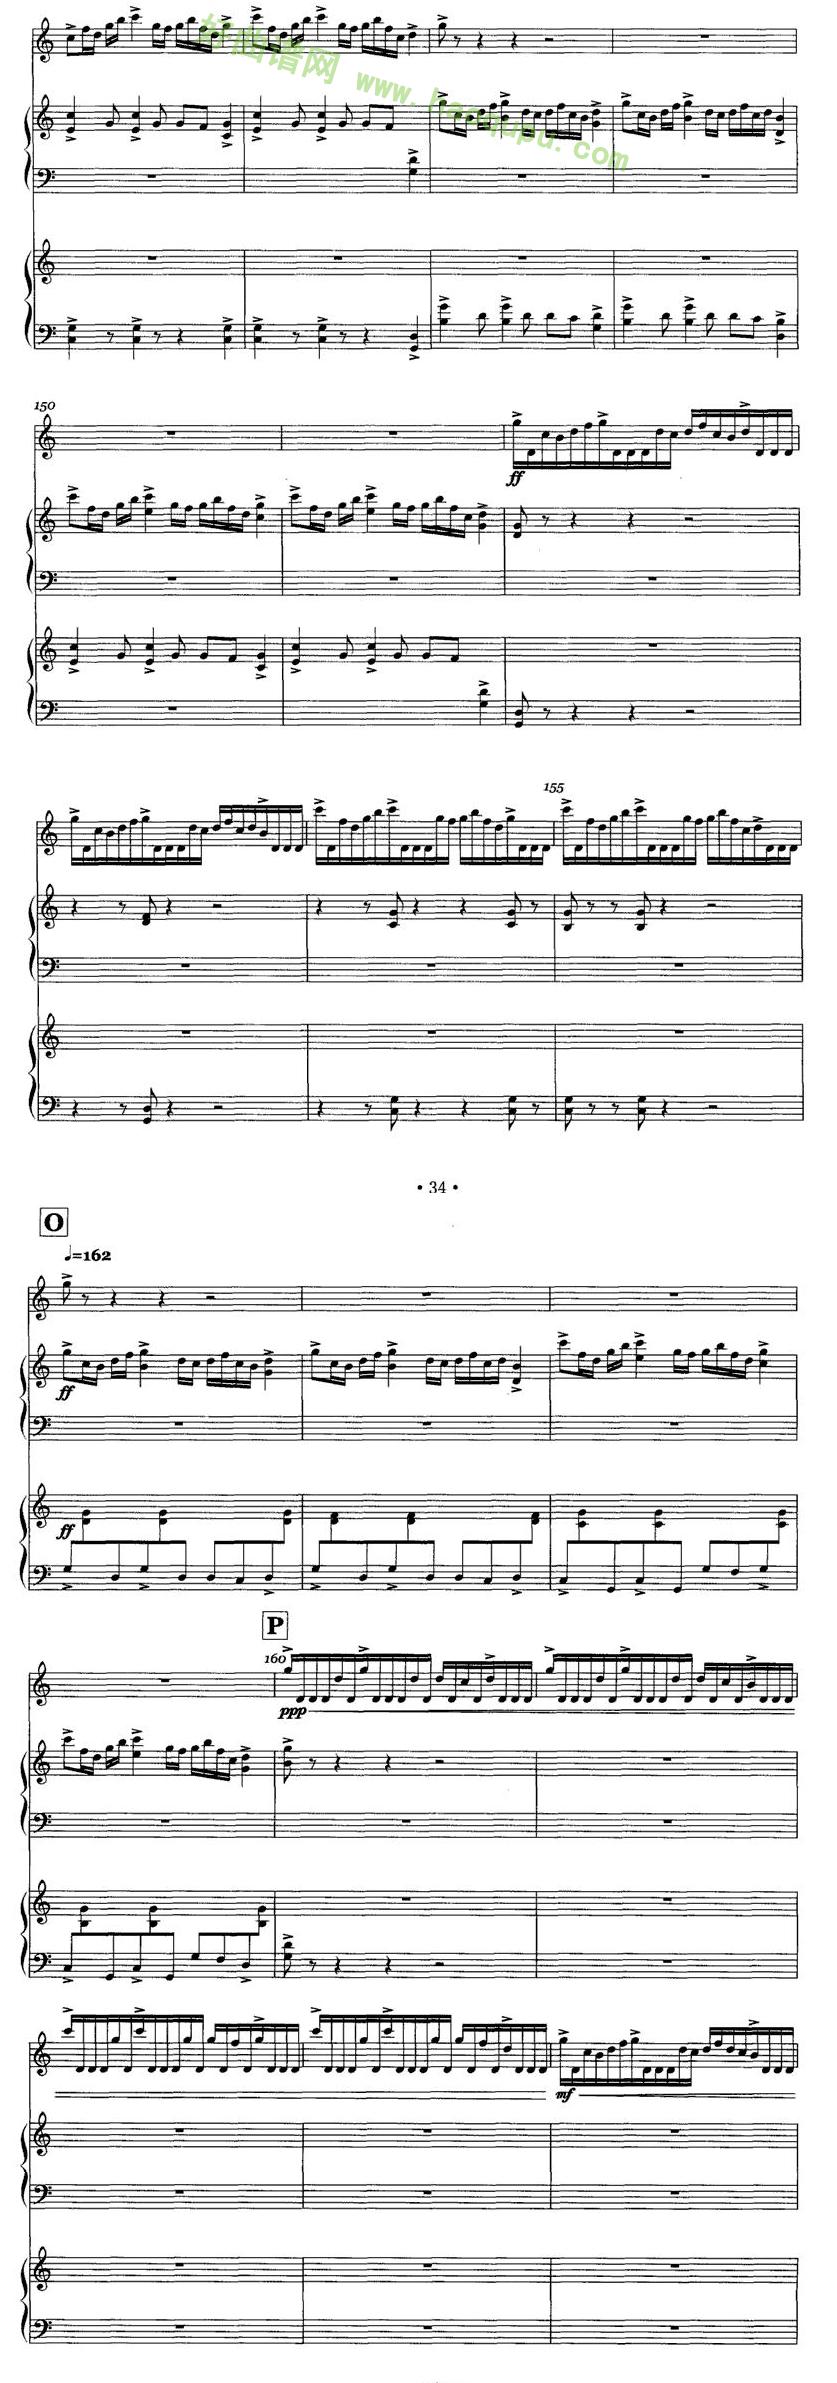 《幻想曲》(为二胡与两架扬琴而作)二胡曲谱第7张